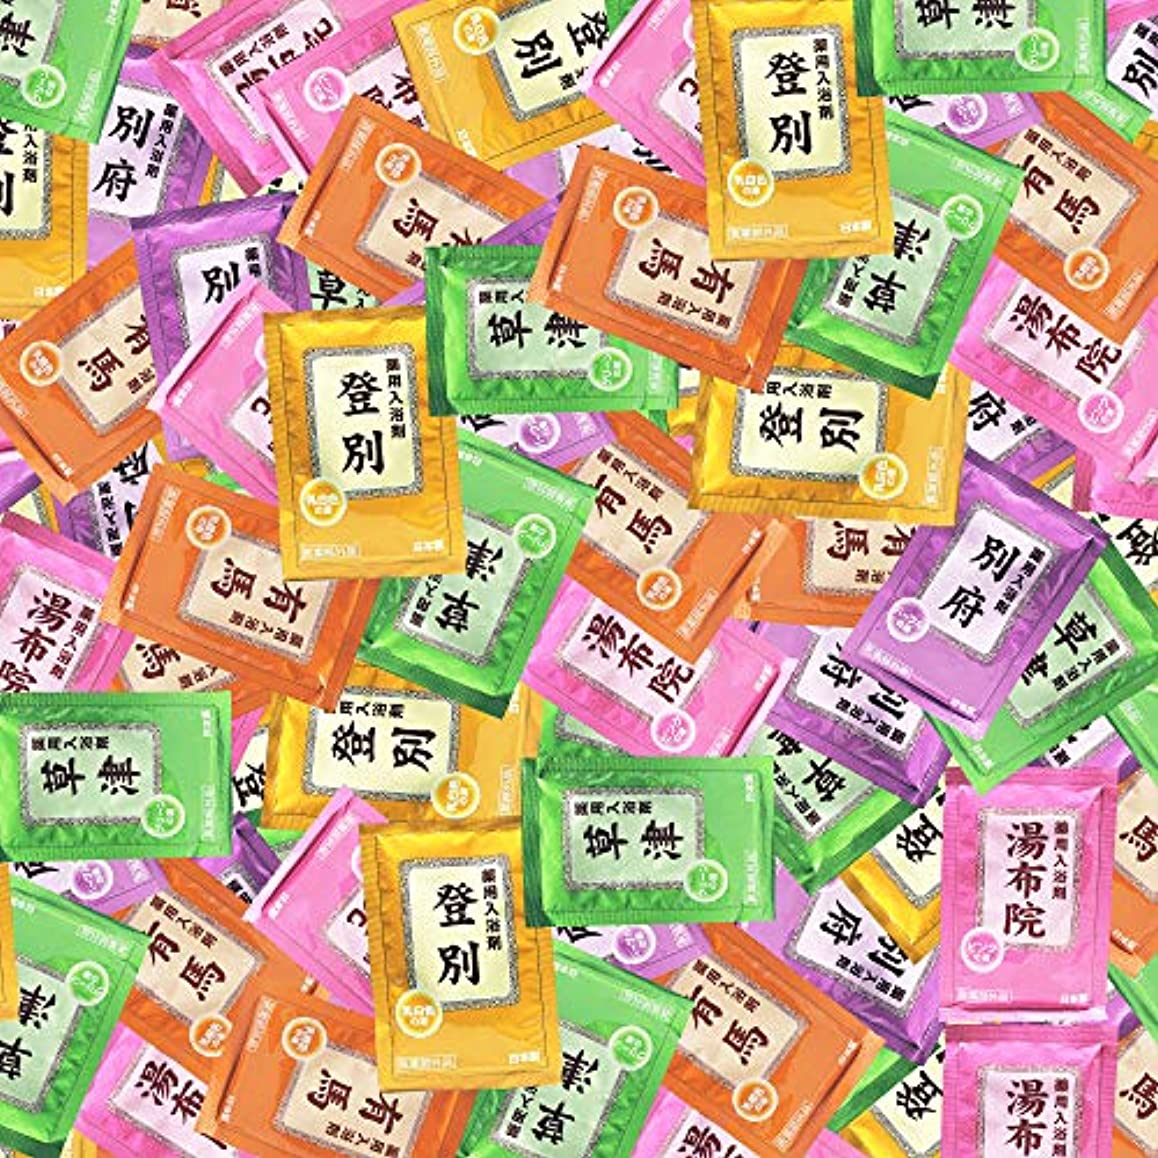 かけがえのない保険をかけるバング入浴剤 ギフト プレゼント 湯宿めぐり 5種類 (200袋)セット